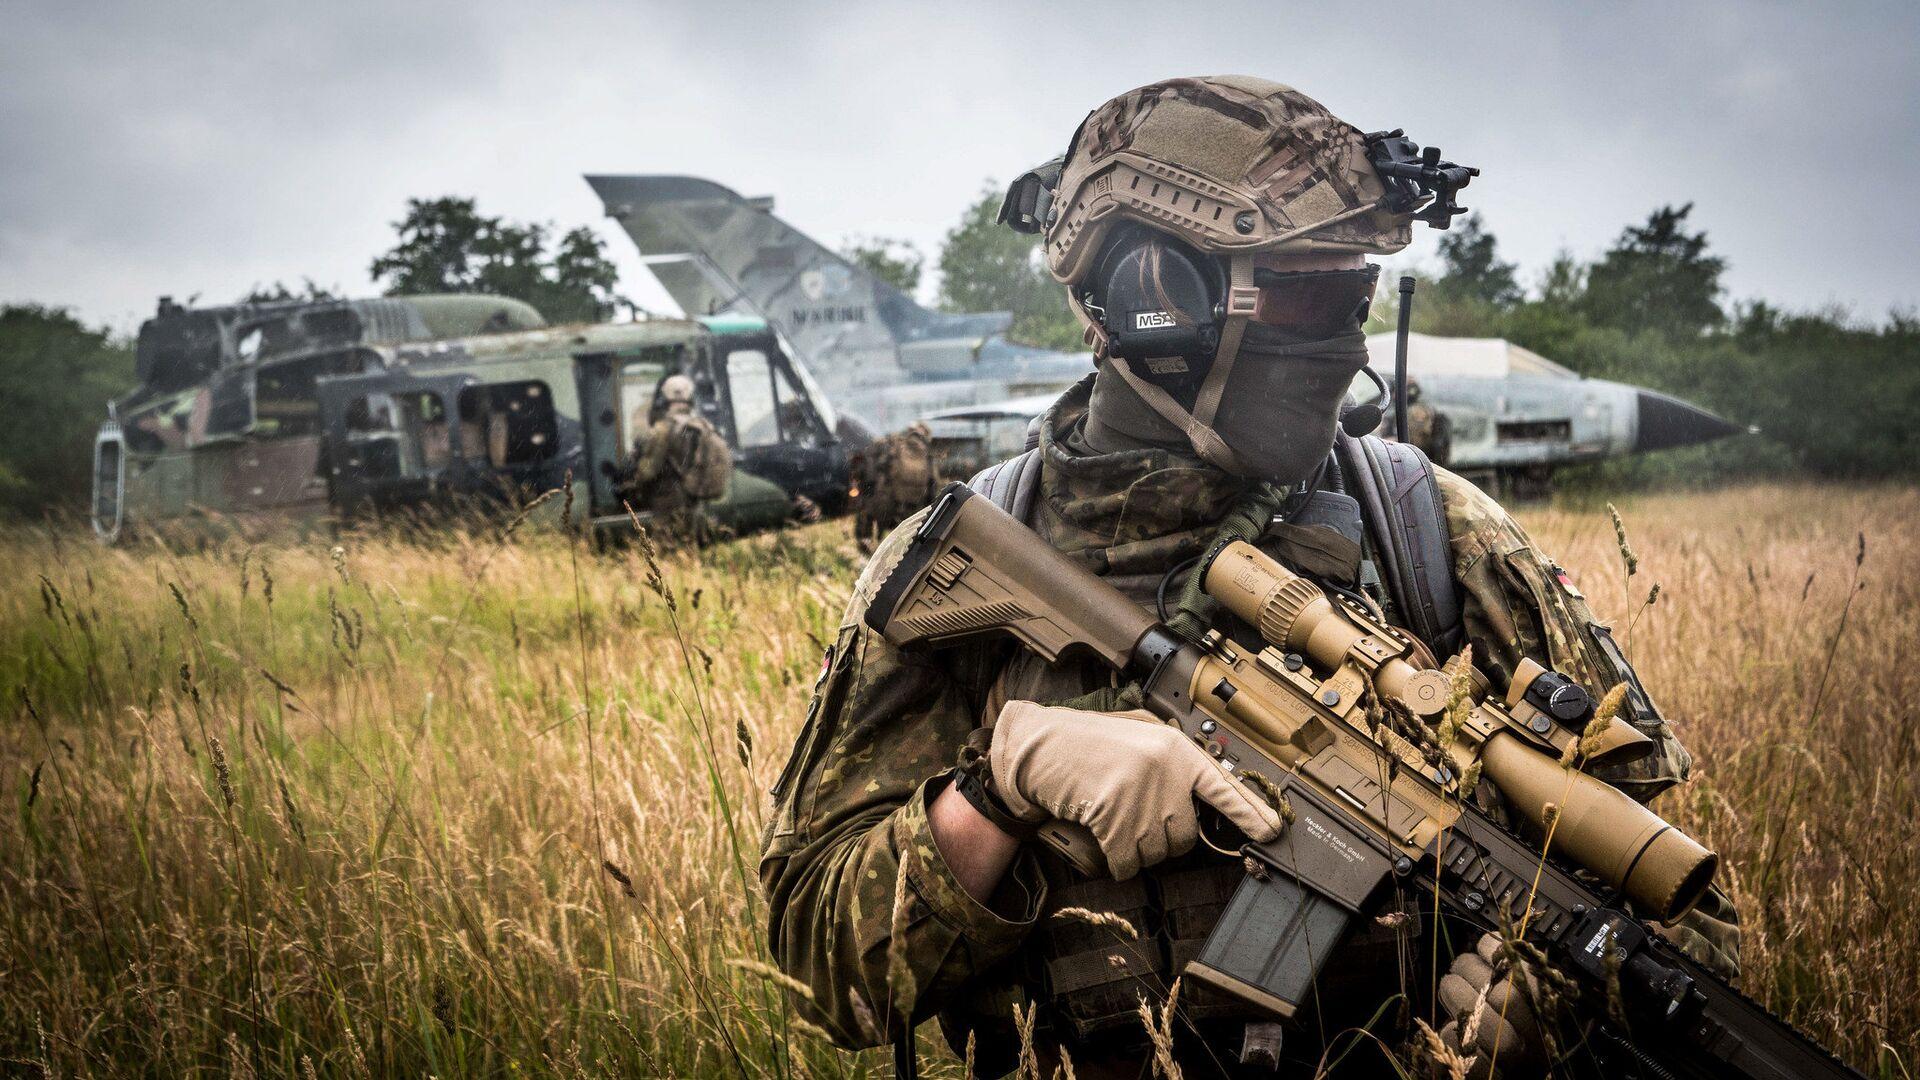 Военнослужащий войск НАТО во время учений в Германии. Июнь 2018 - РИА Новости, 1920, 22.01.2021